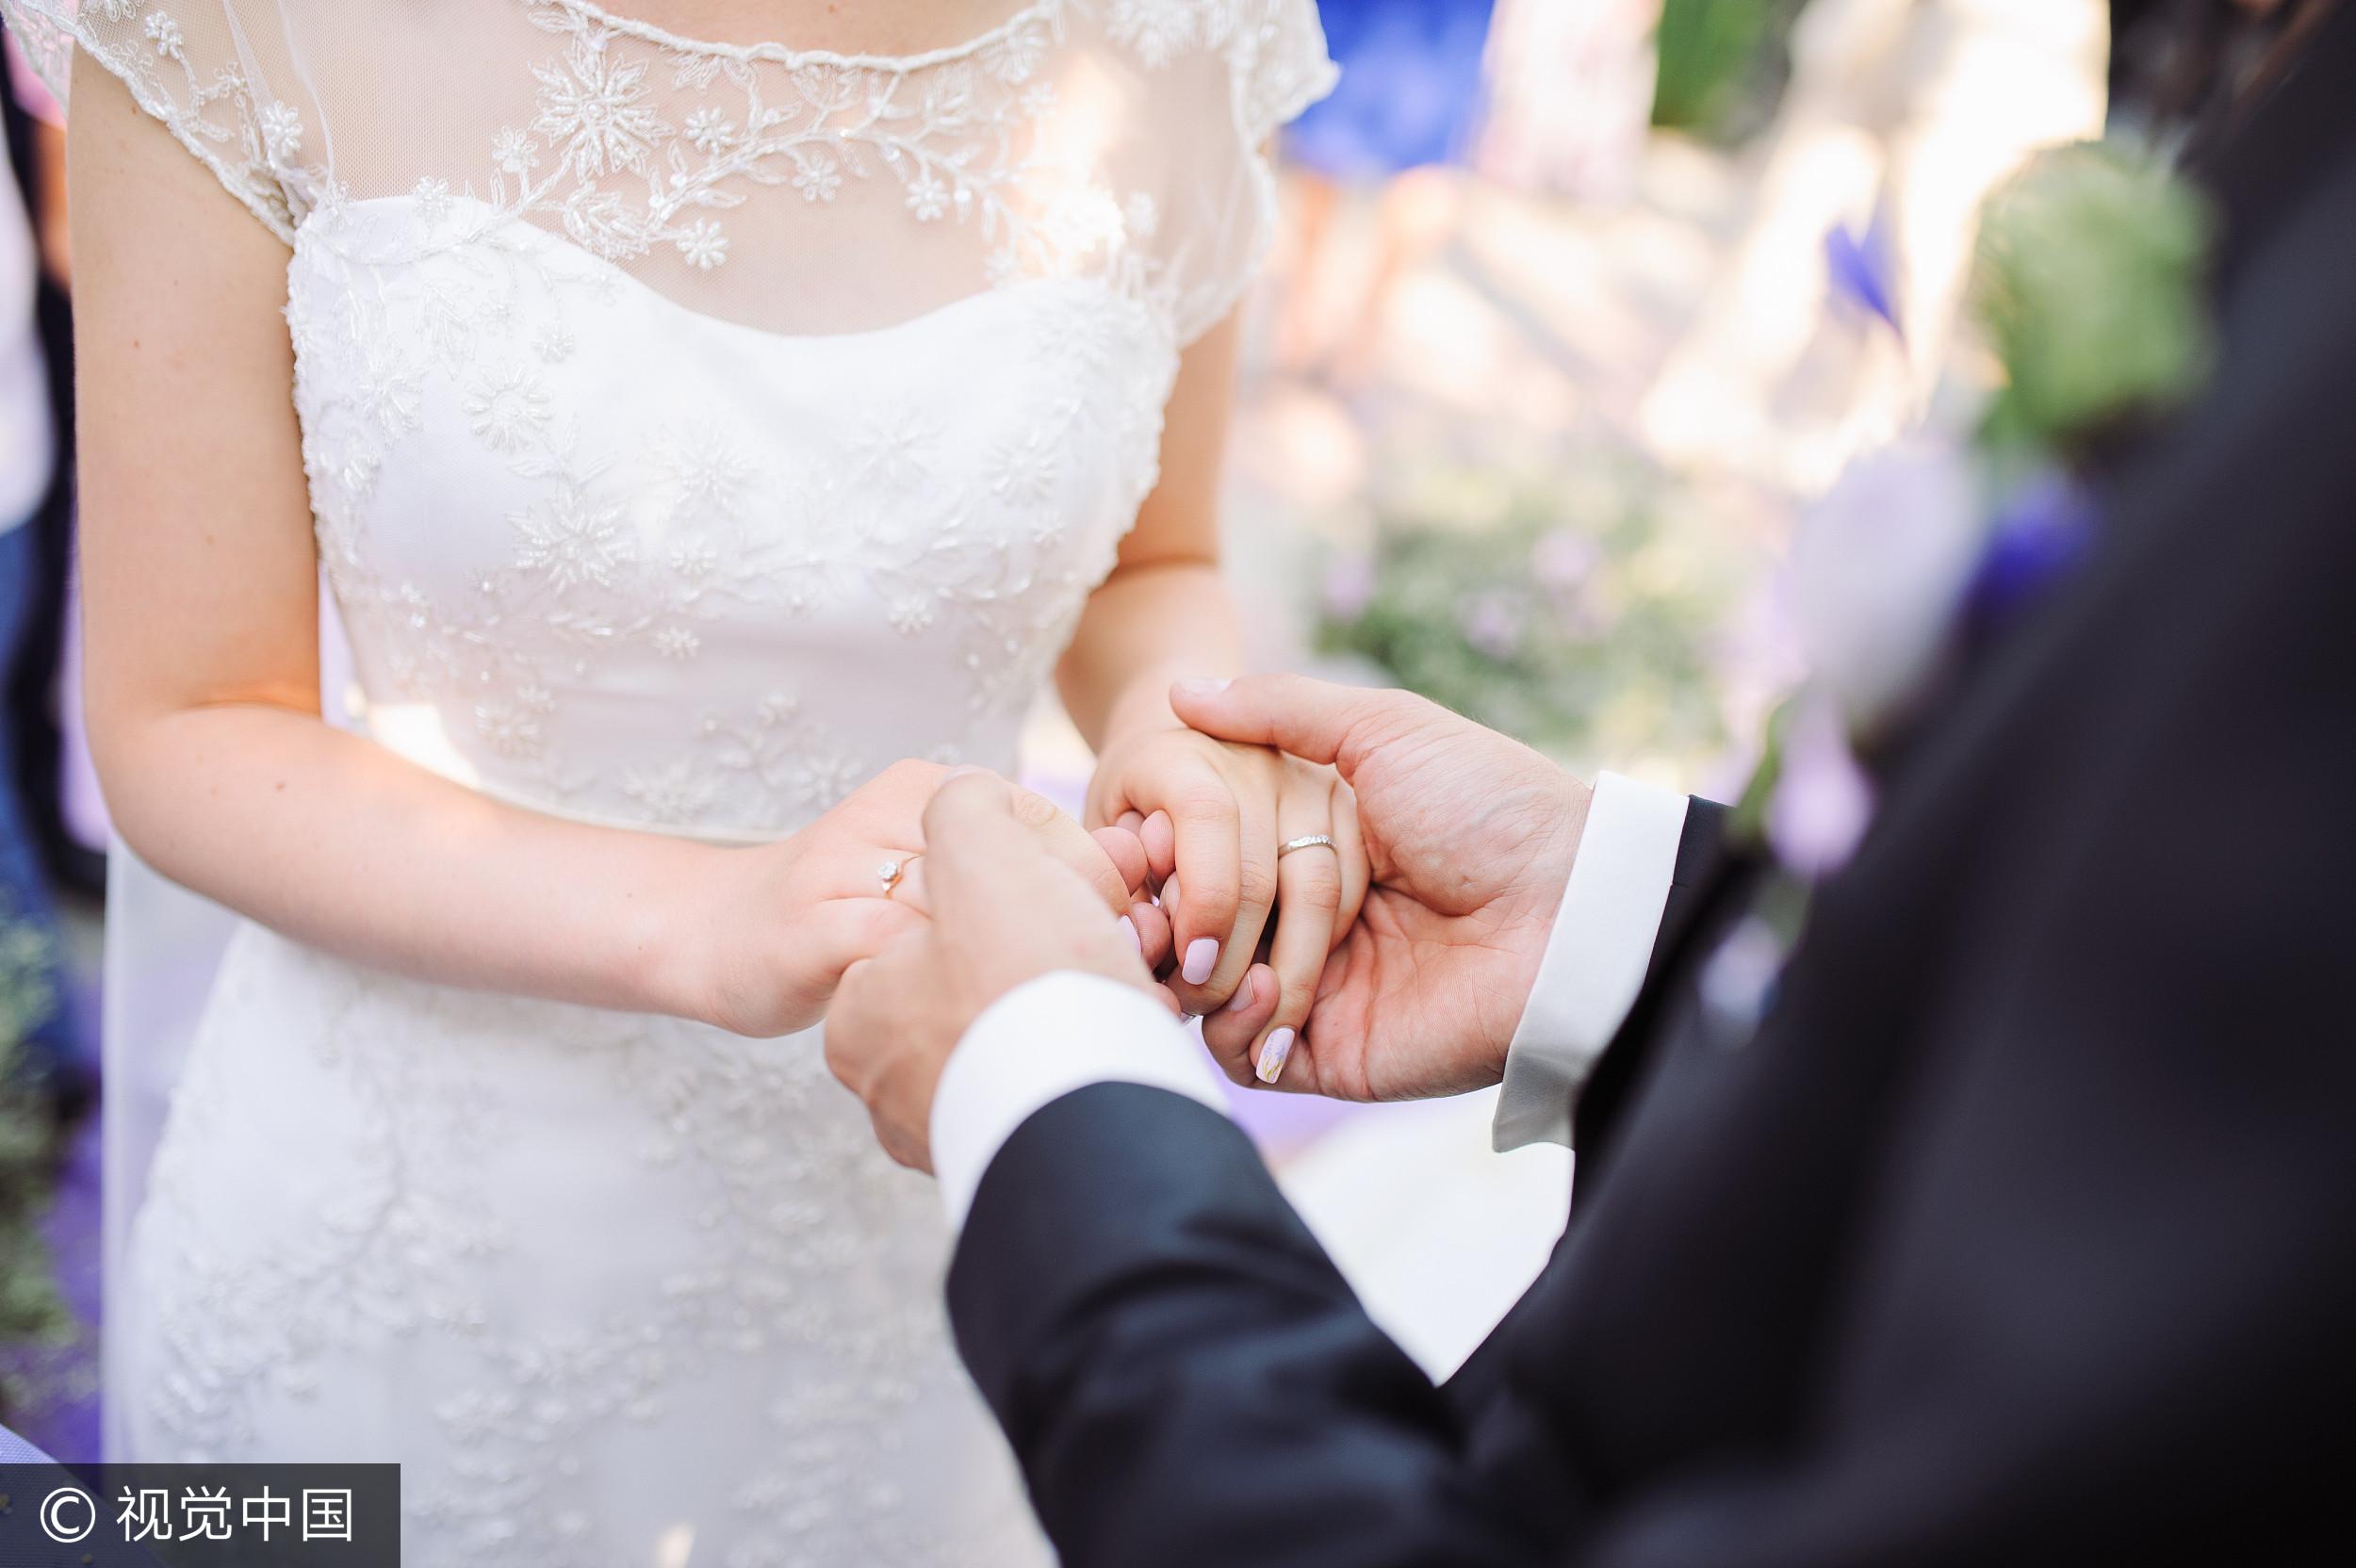 初戀男友「我可娶一個不用聘金的老婆」 她心碎分手:很失望!